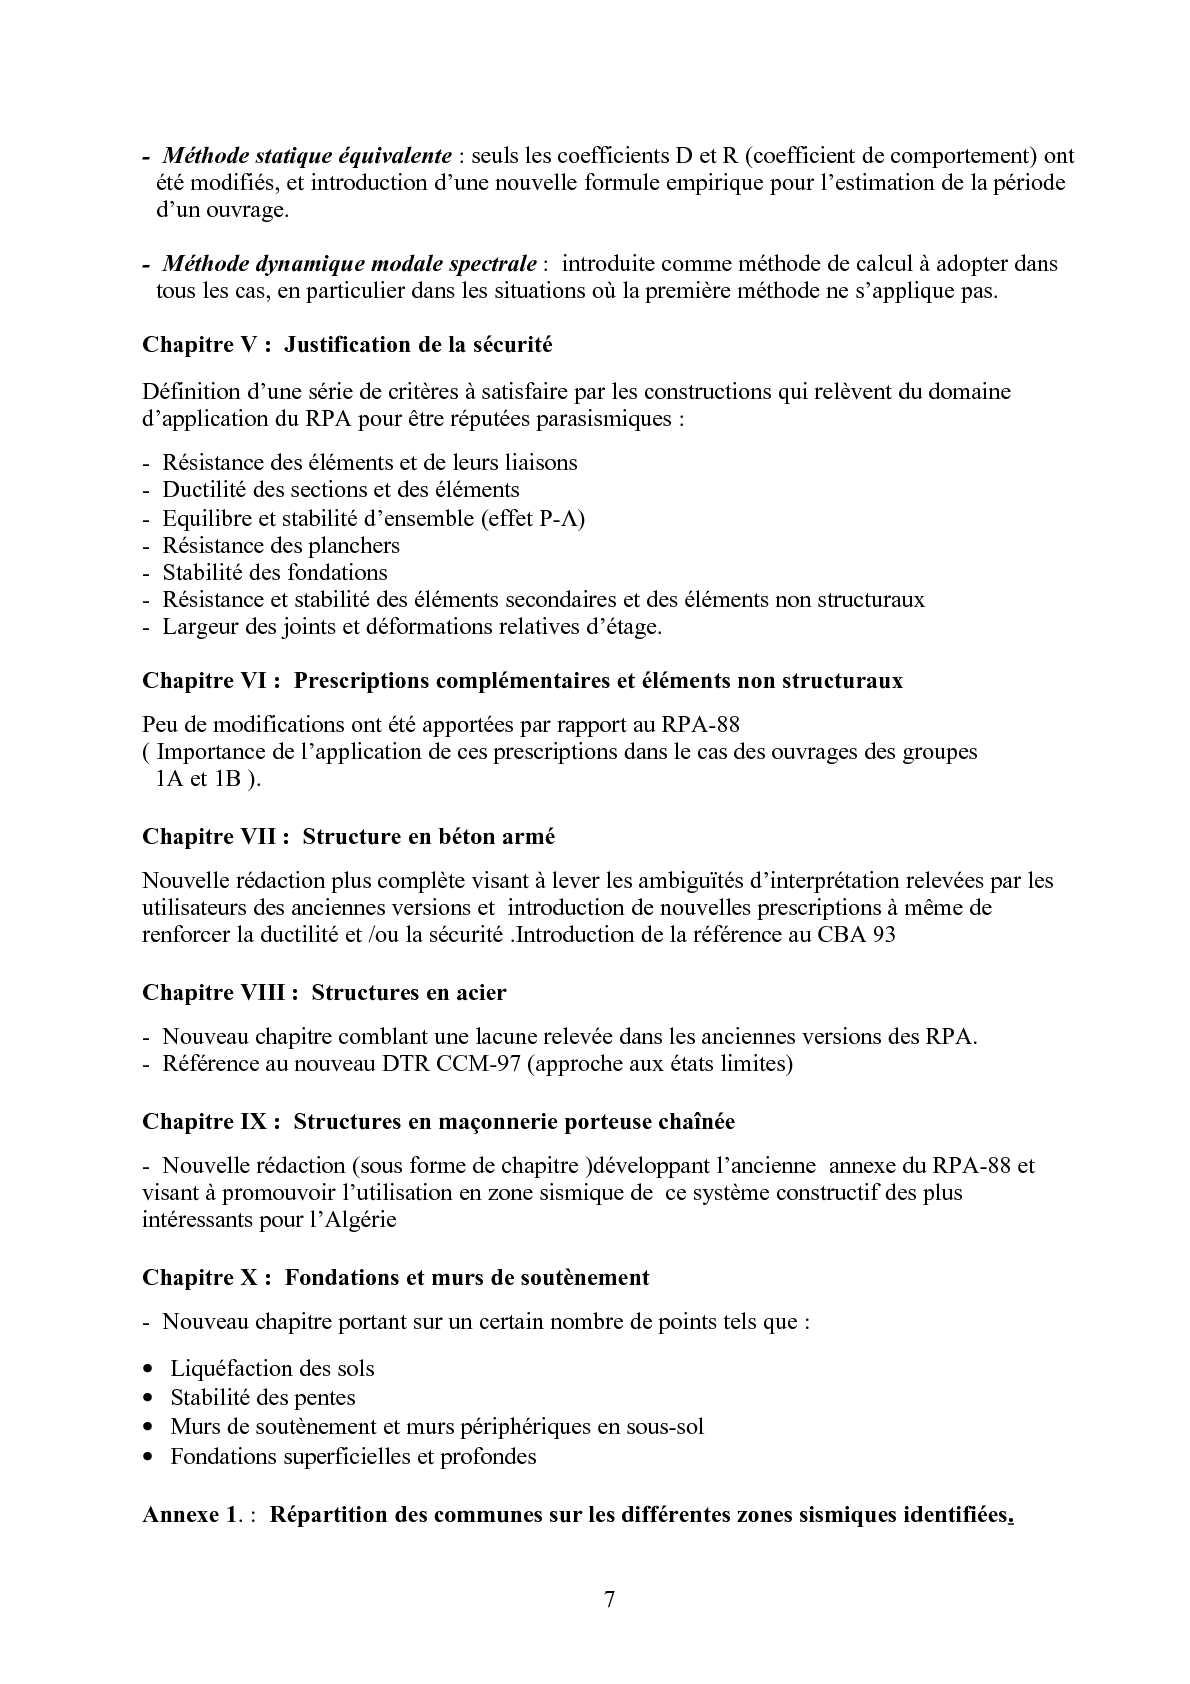 PARASISMIQUE TÉLÉCHARGER ALGERIEN REGLEMENT